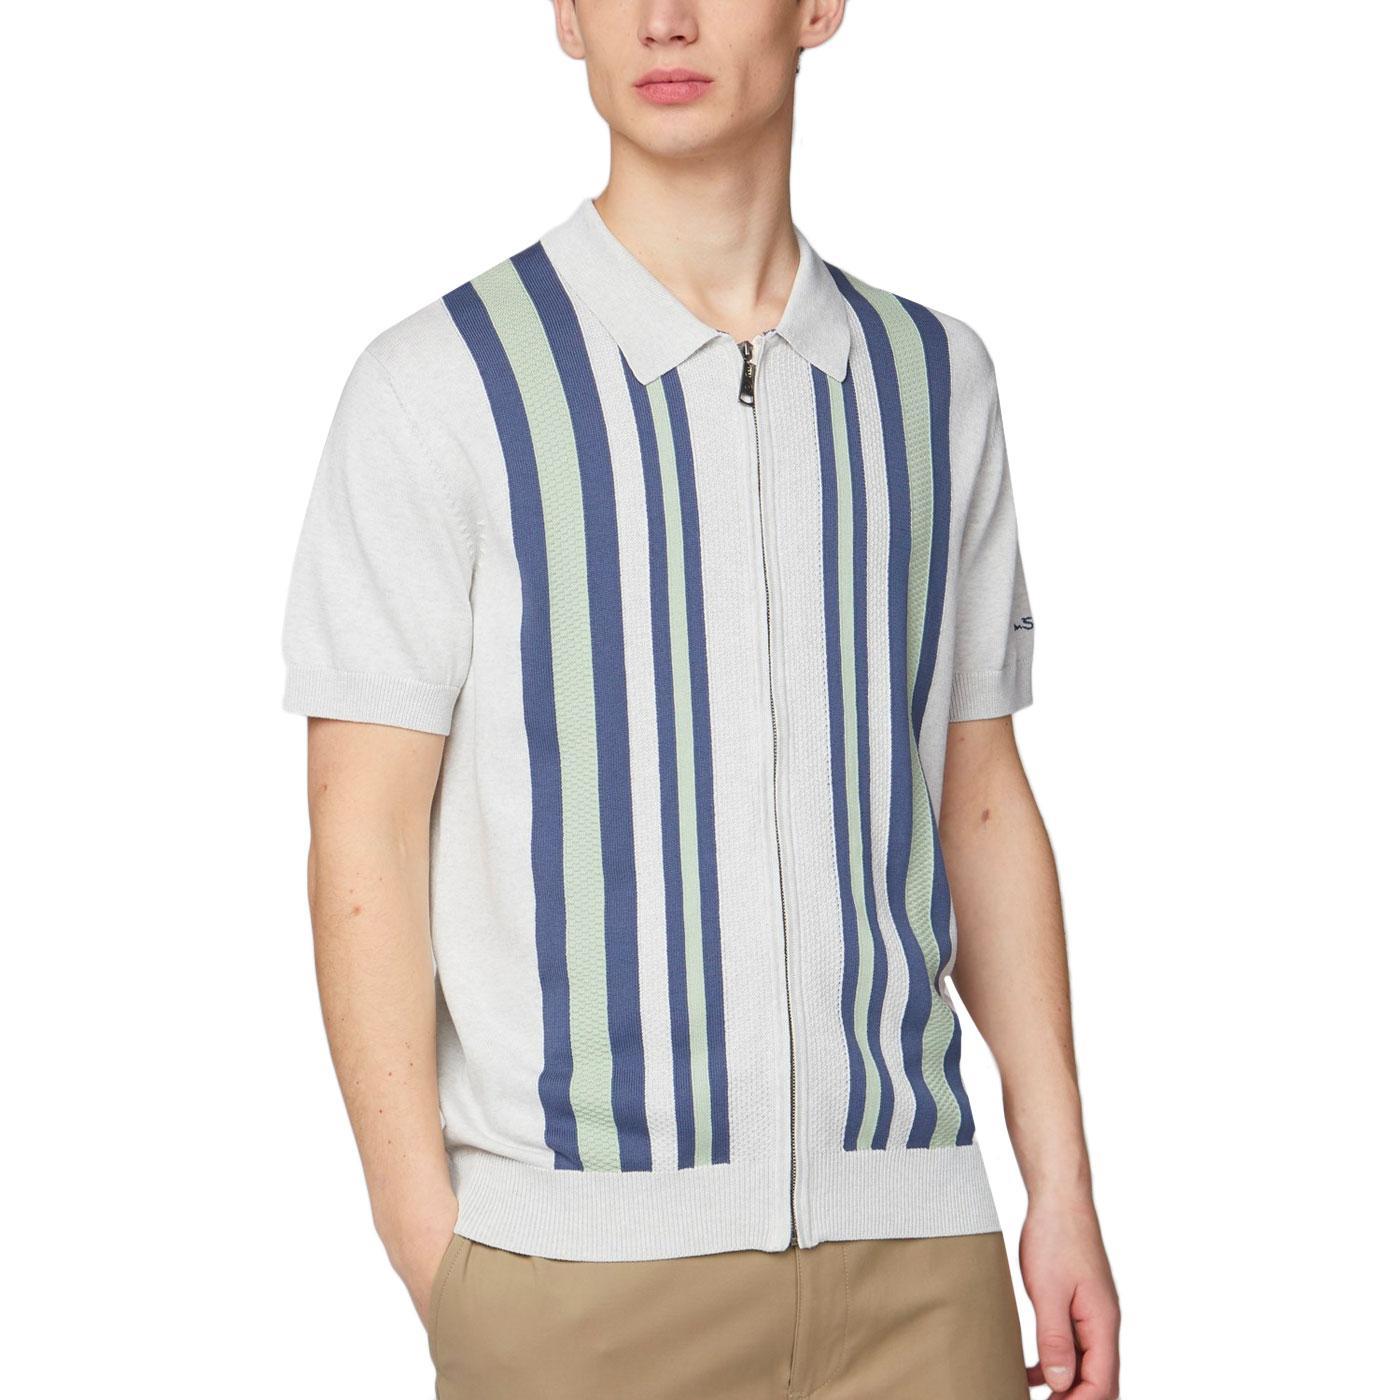 BEN SHERMAN Mod Textured Stripe Zip Knit Polo (SW)